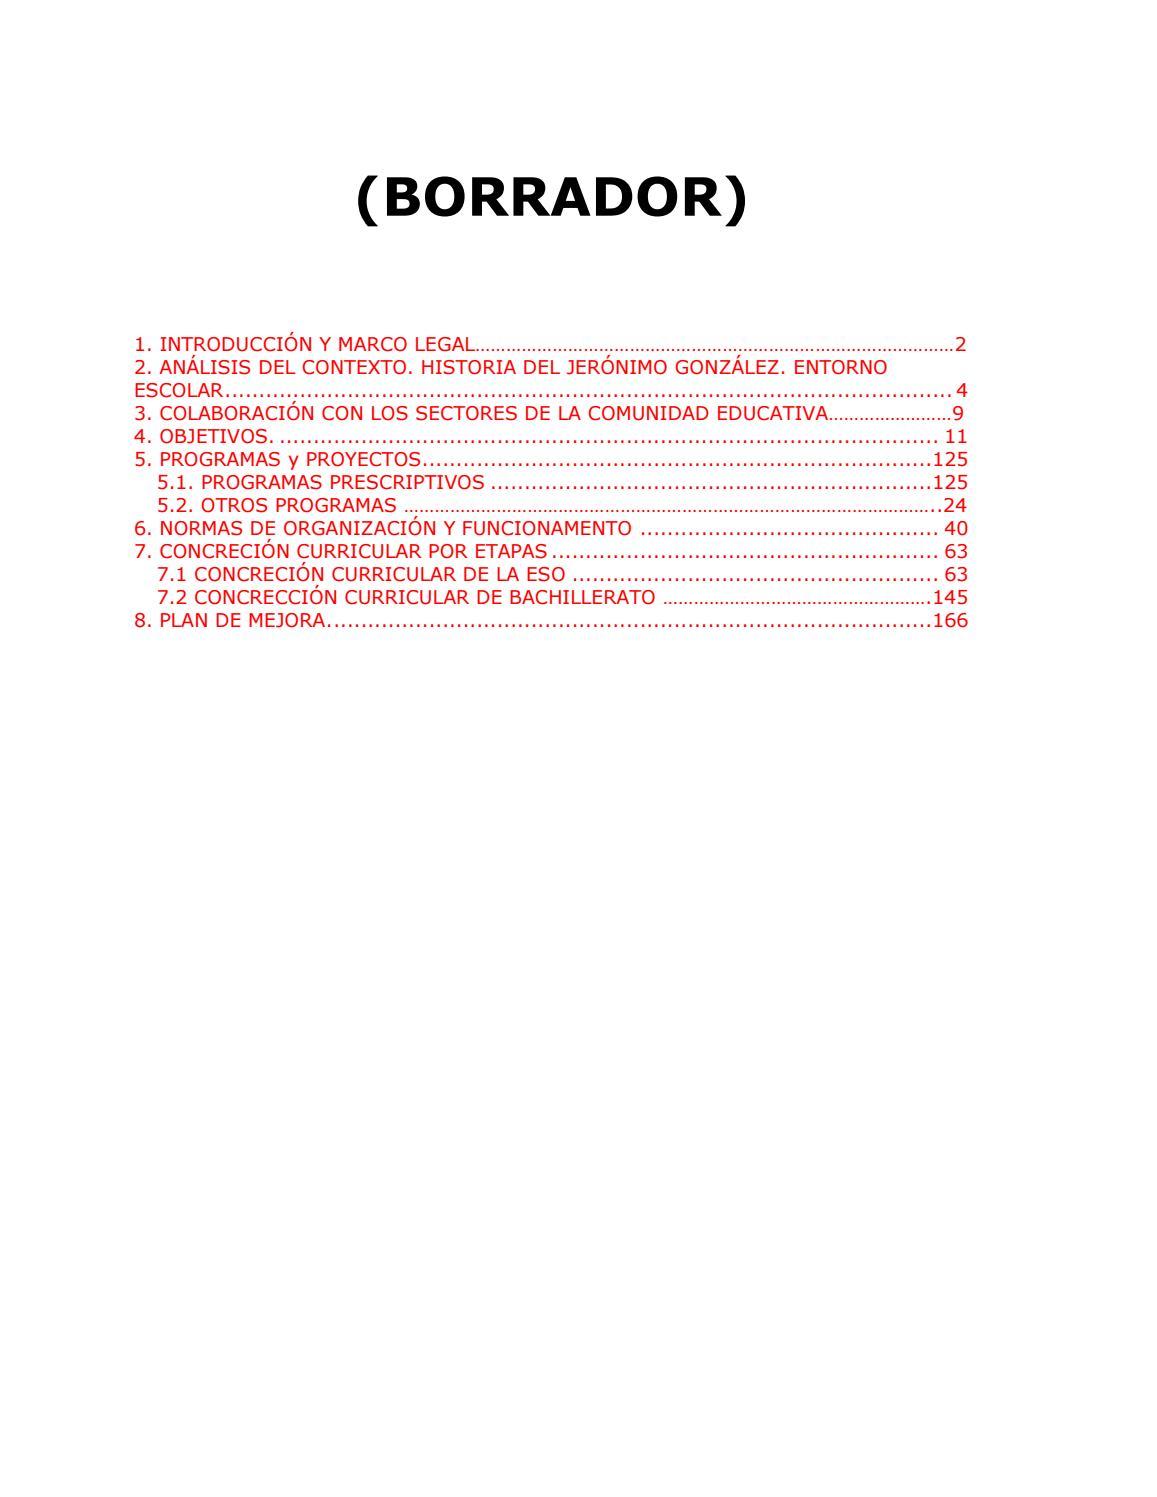 Proyecto educativo 2017 2018 (borrador) by iesjeronimo gonzalez - issuu